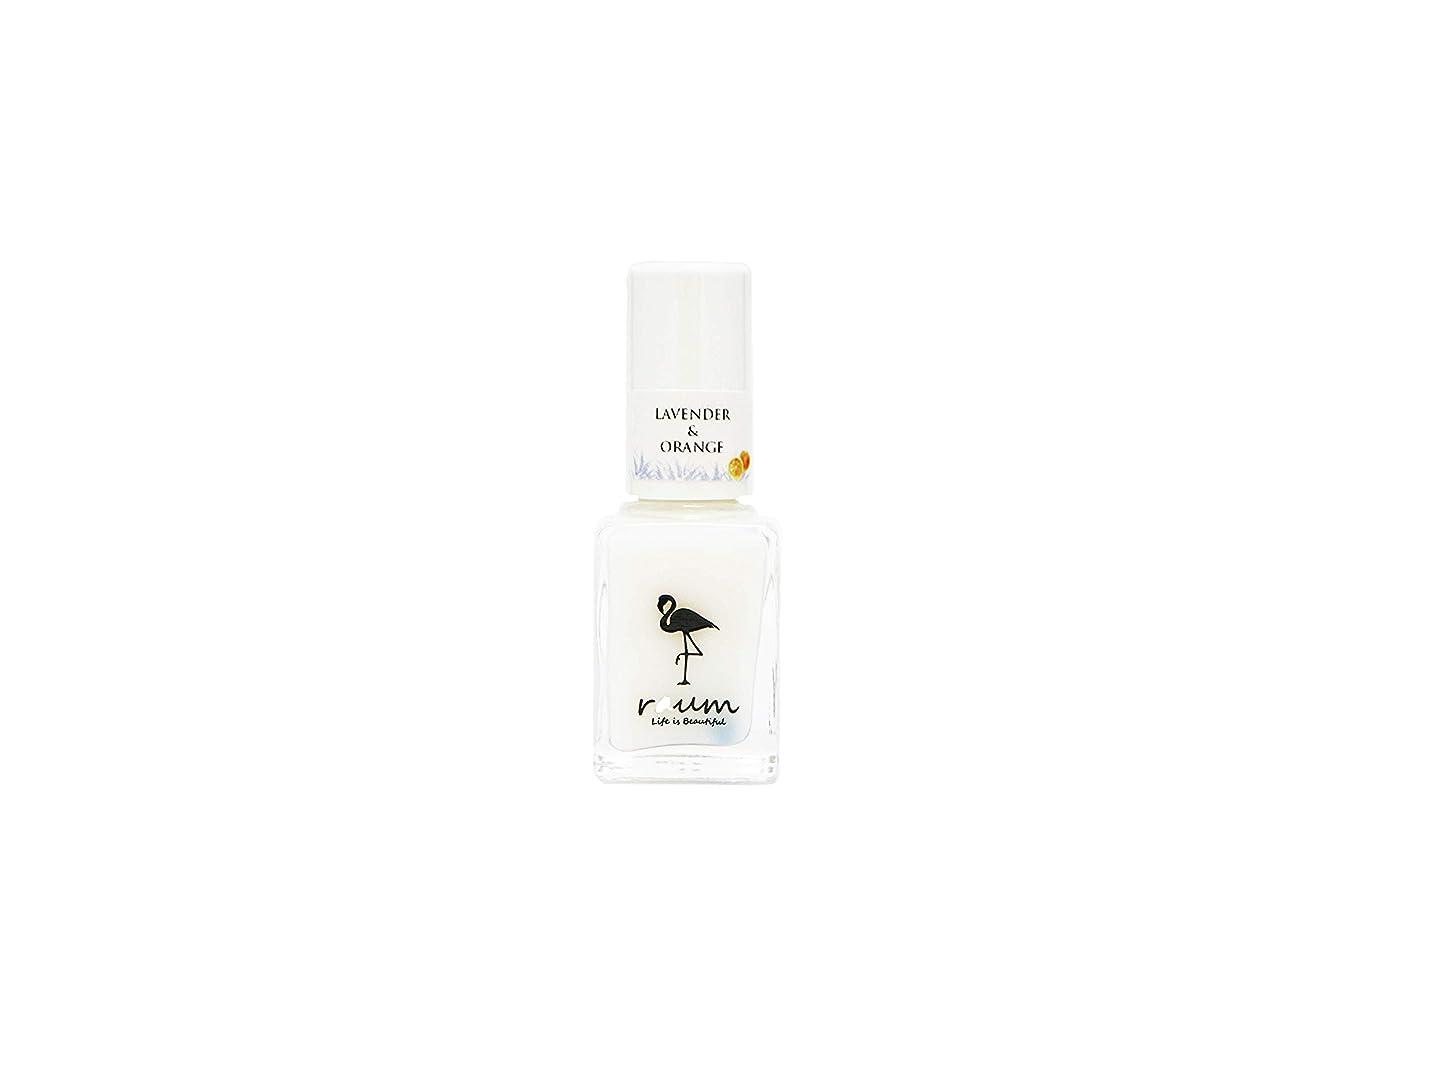 セブンめ言葉法令raum WATER CARE-NAIL WN-0026 ベース&トップコート ラベンダー&オレンジの香り(精油入り)